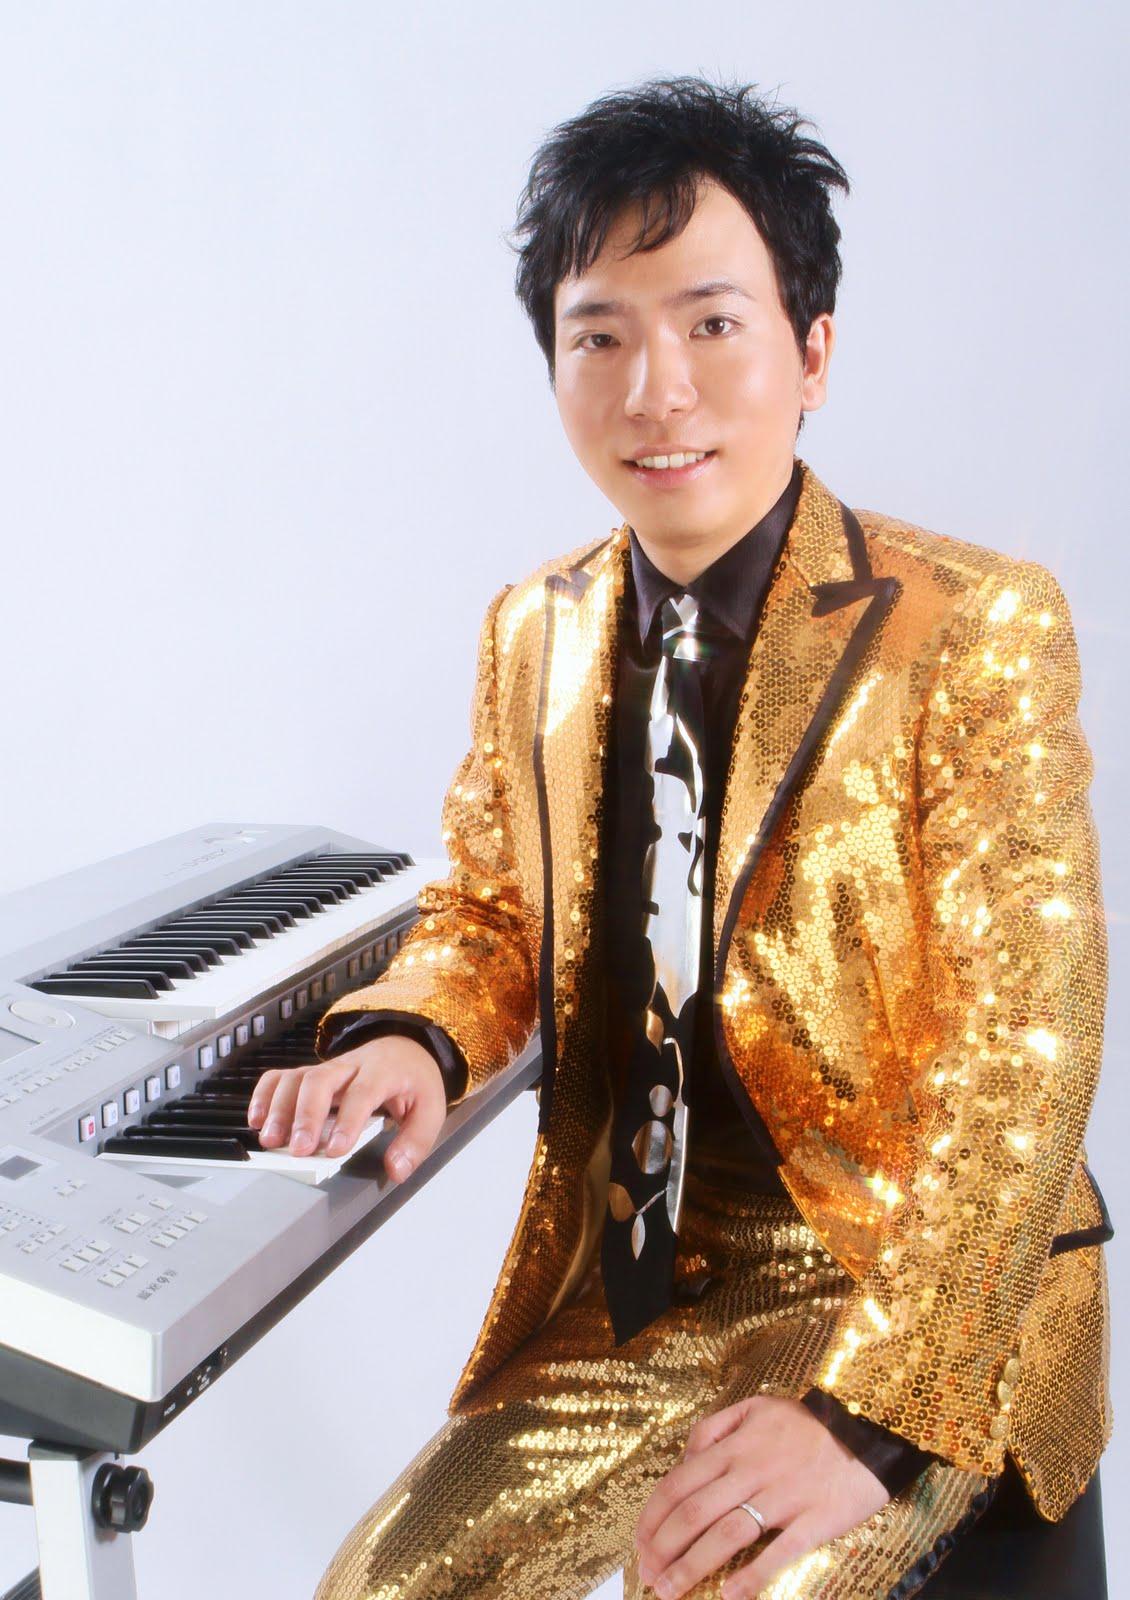 電子オルガン奏者のひとり言: 8...